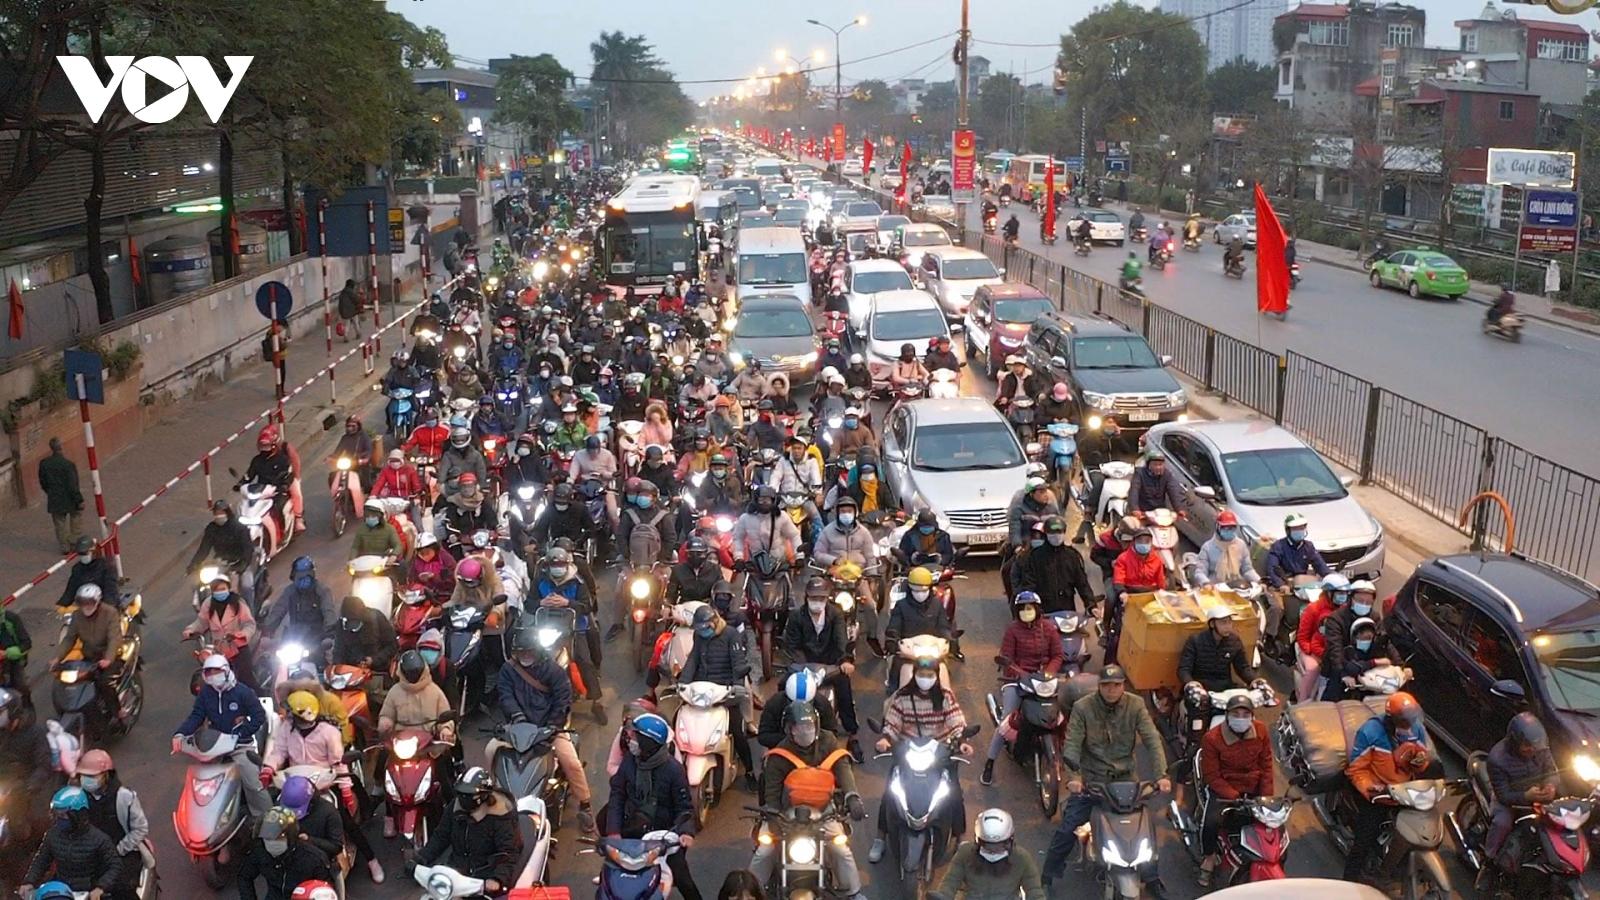 Người dân đổ về sau 3 ngày nghỉ Tết Dương lịch, cửa ngõ Thủ đô ùn tắc kéo dài